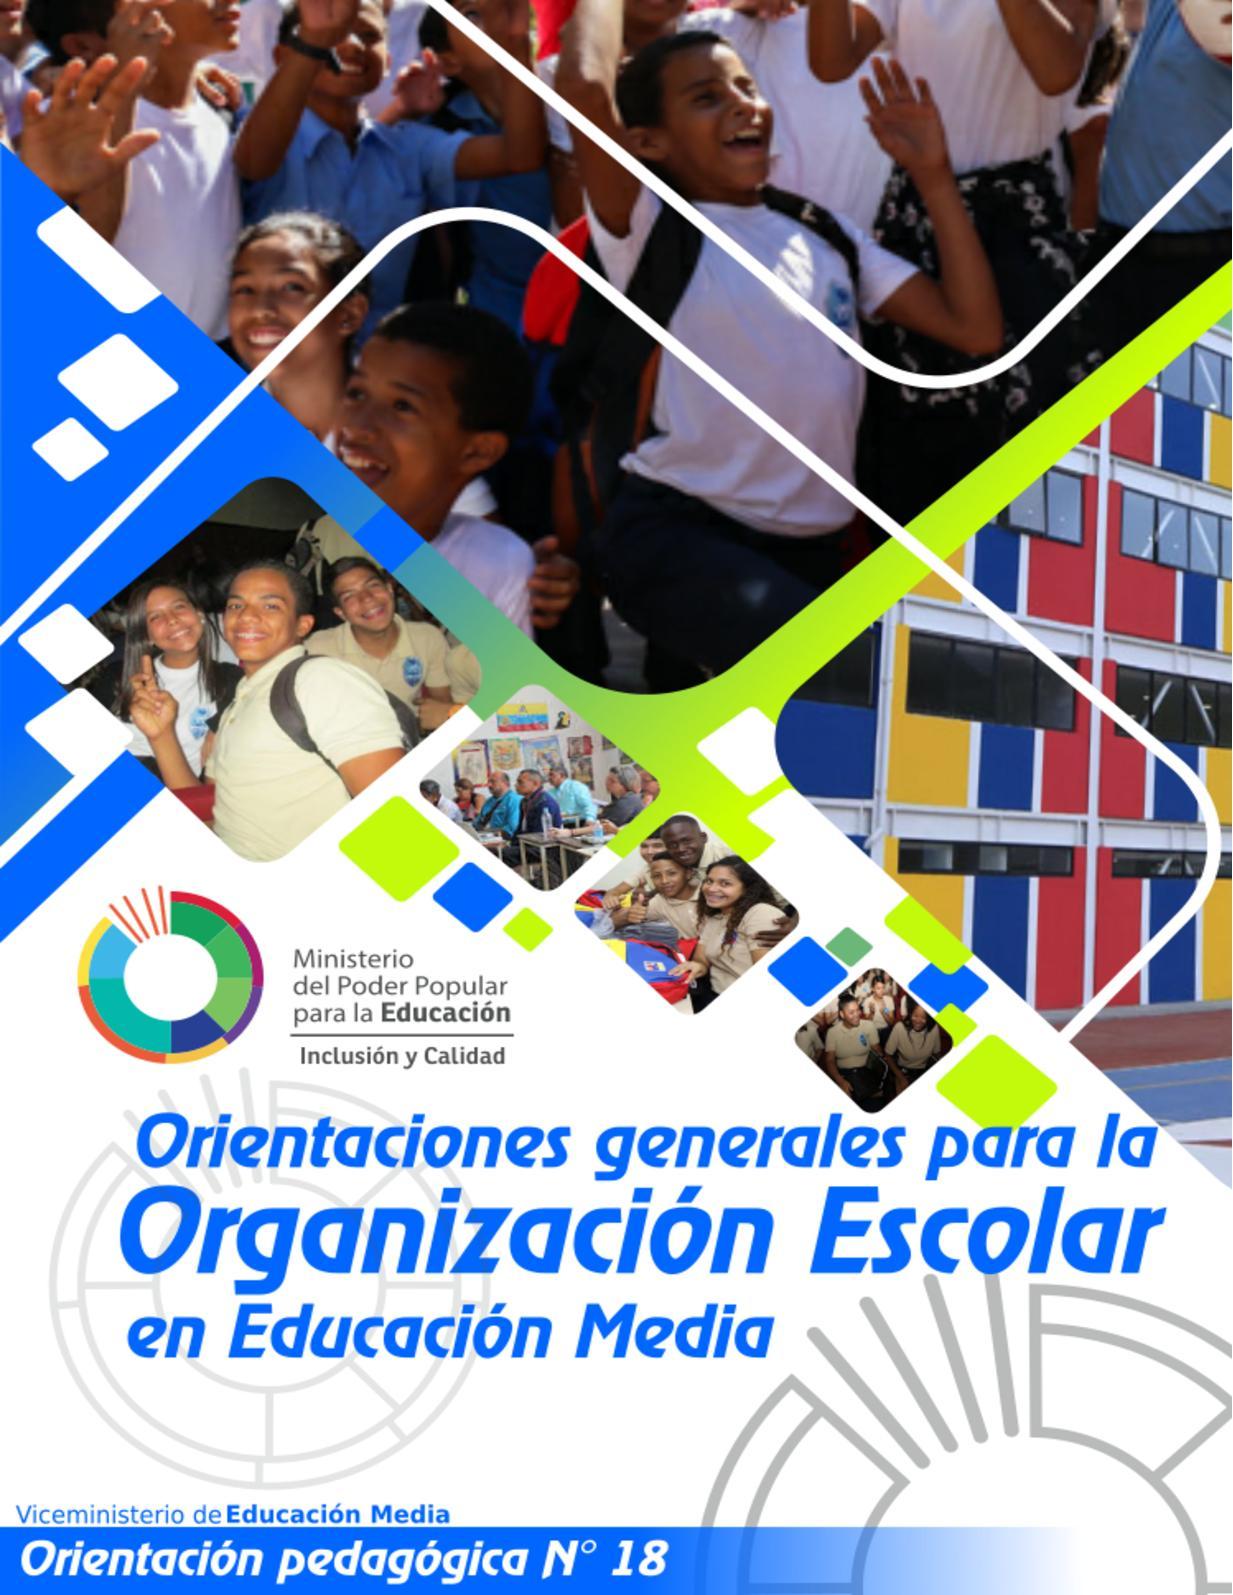 Organización Escolar 2019 2020 (2)